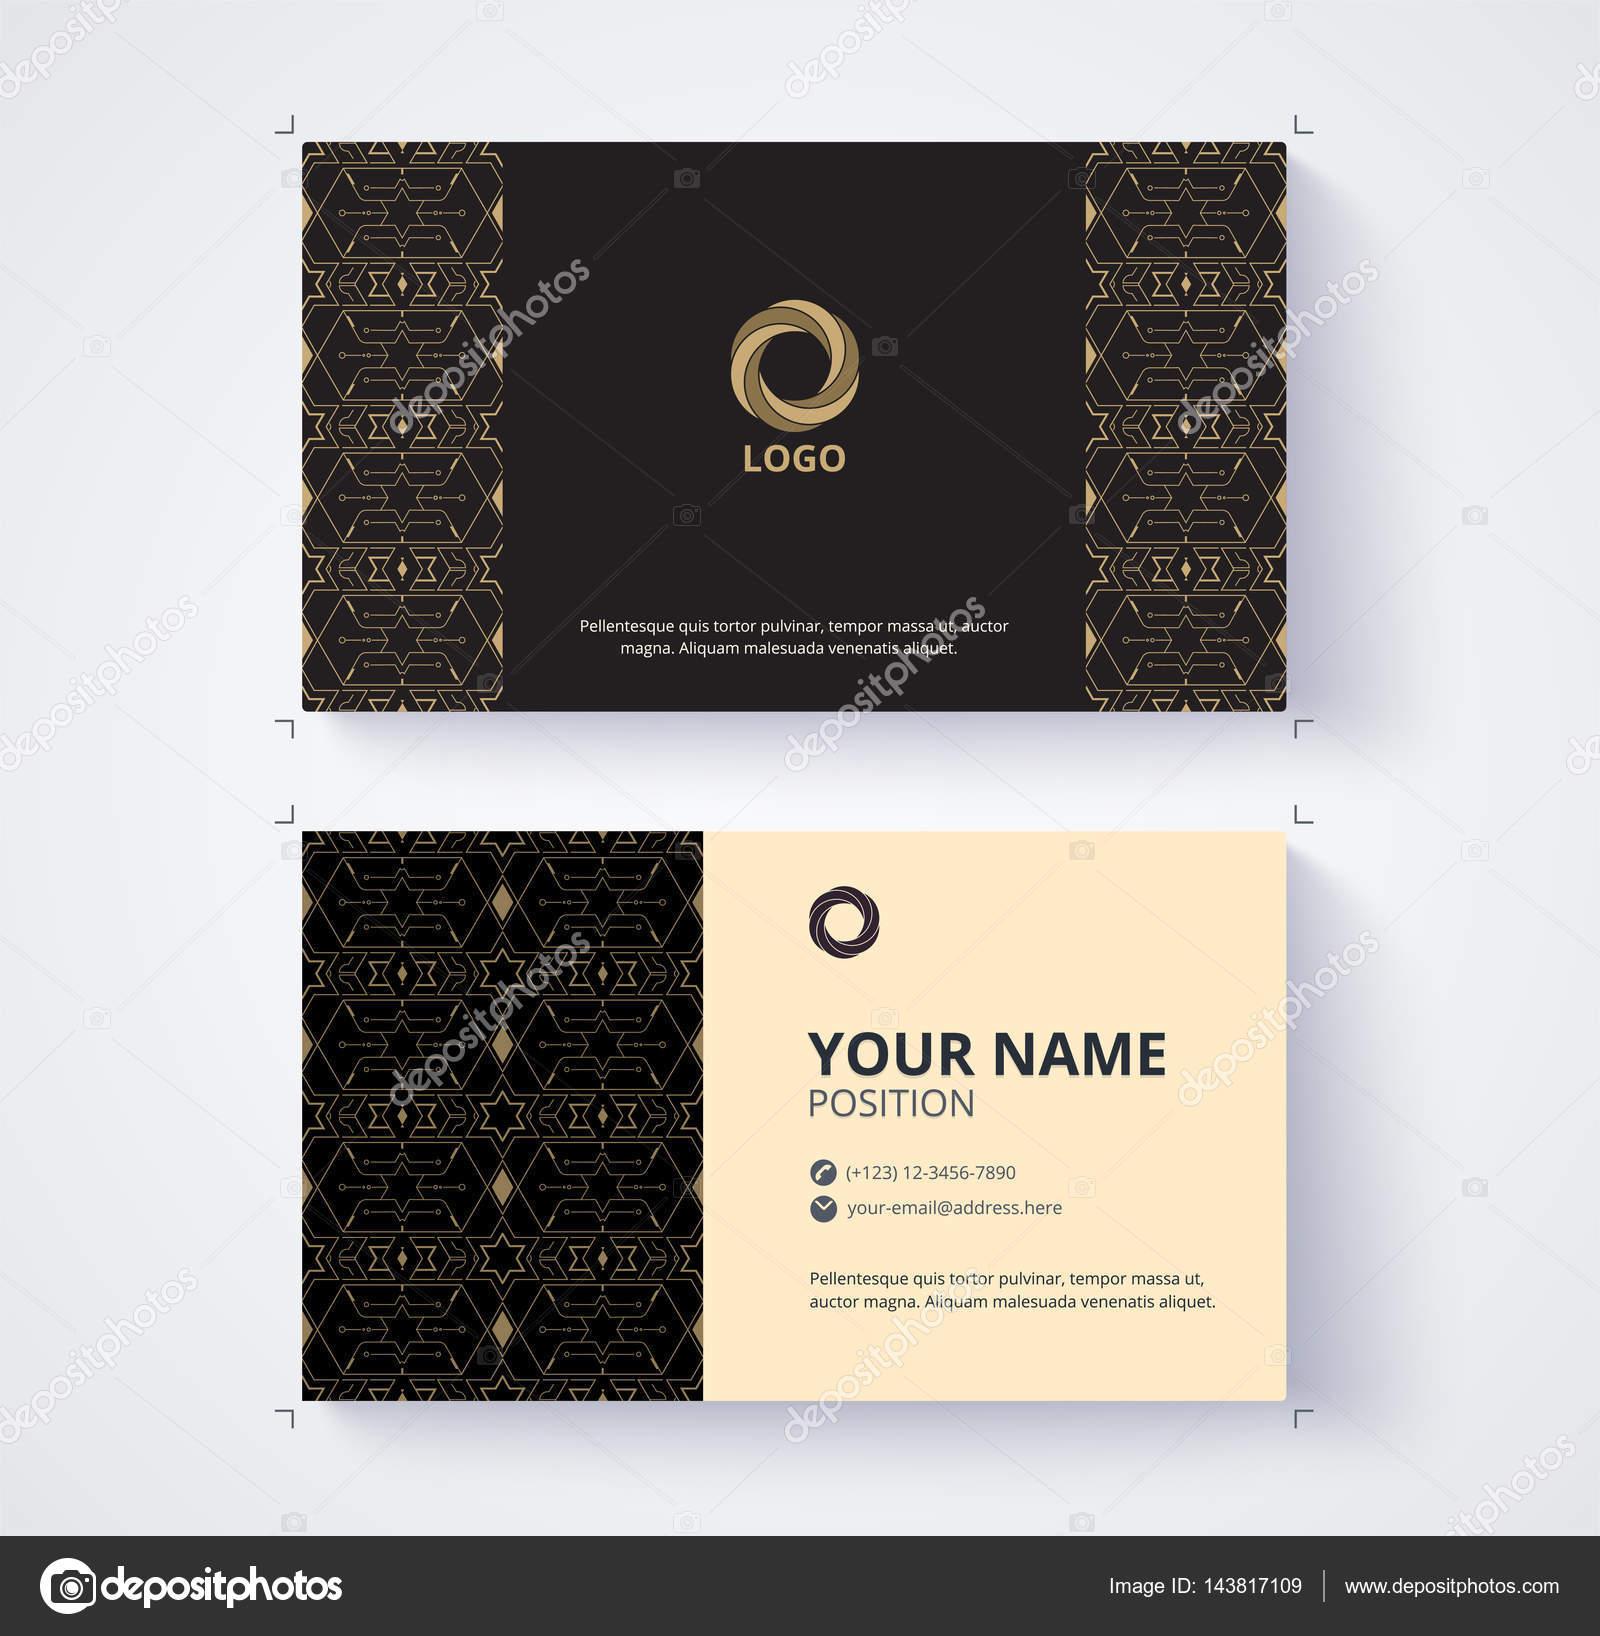 Modle Carte Visite Exemple Logo Texte Position Vecteur Image Vectorielle